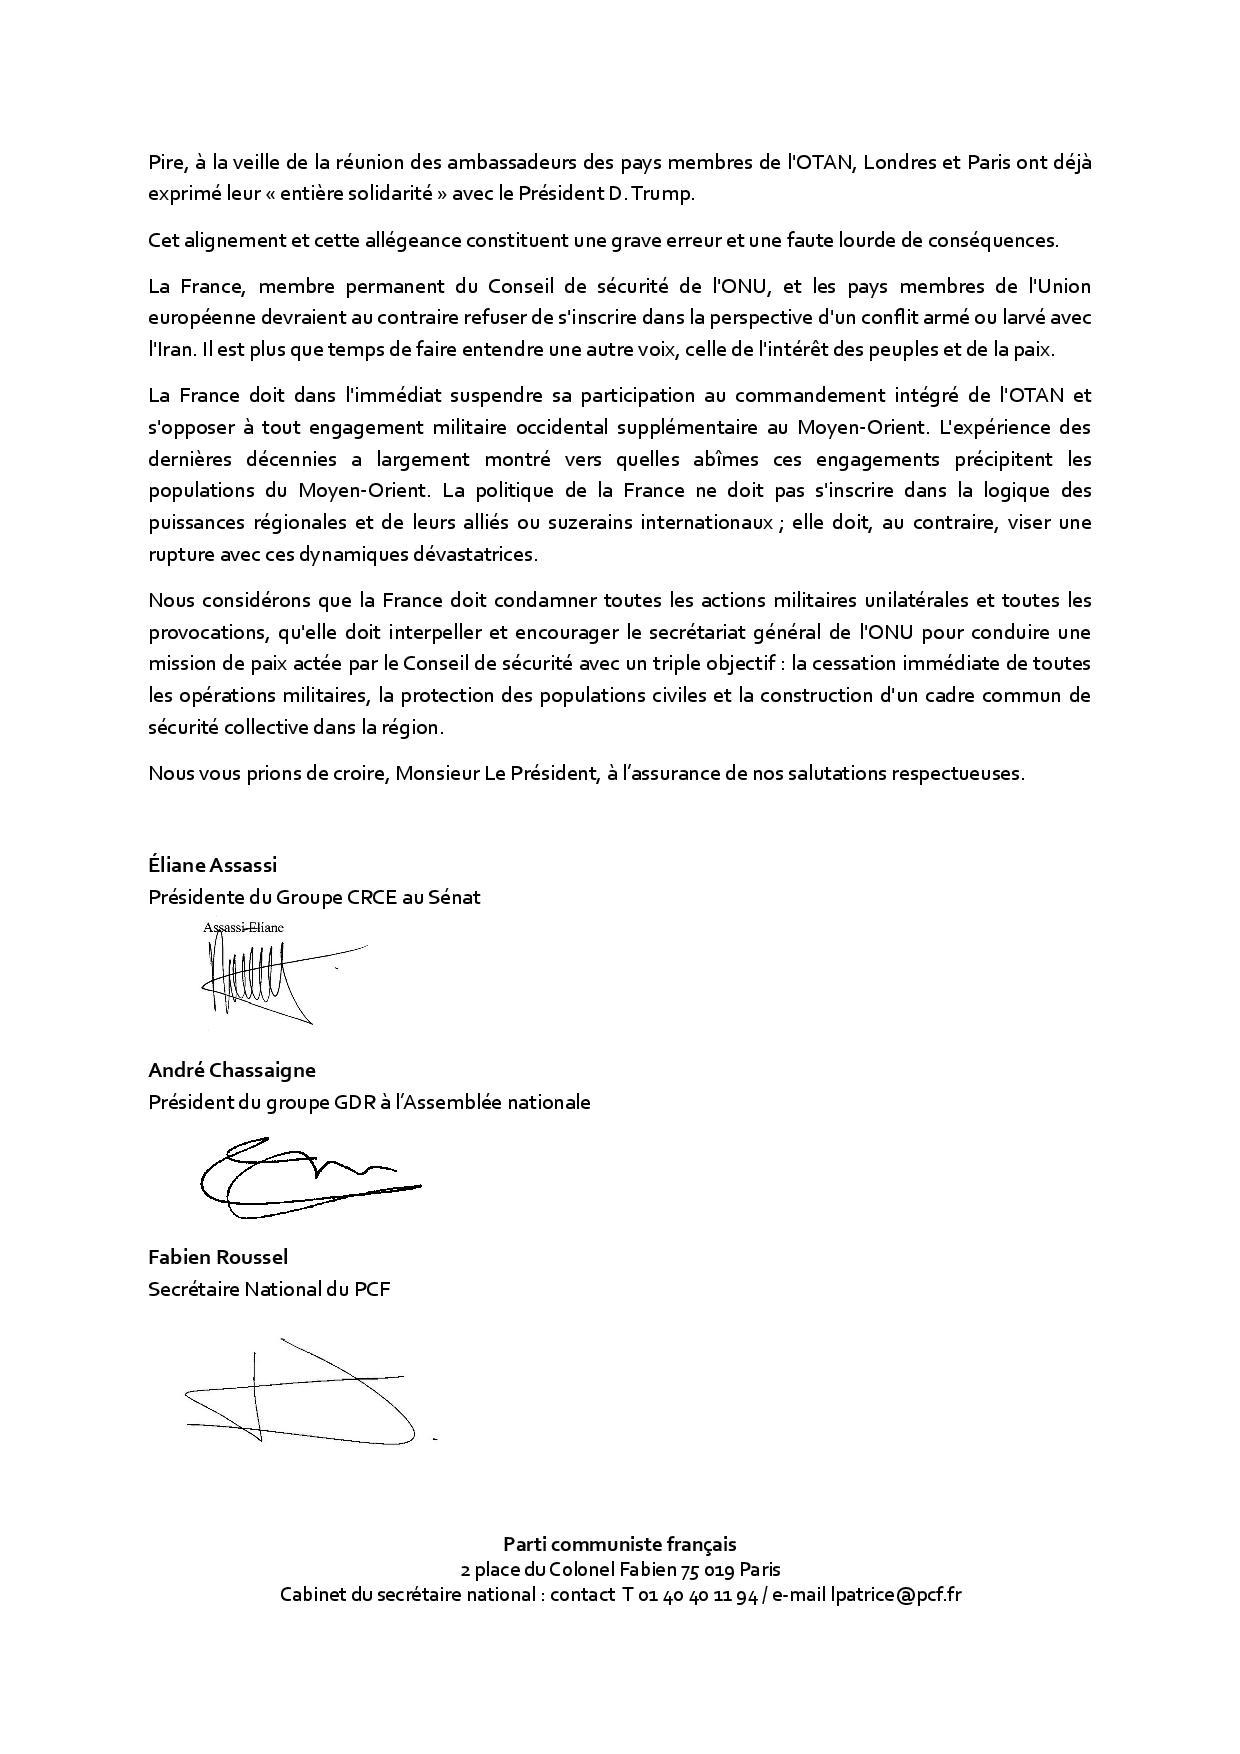 20200108_Lettre_au_Président_de_la_République_Appel_solennel-page-002.jpg